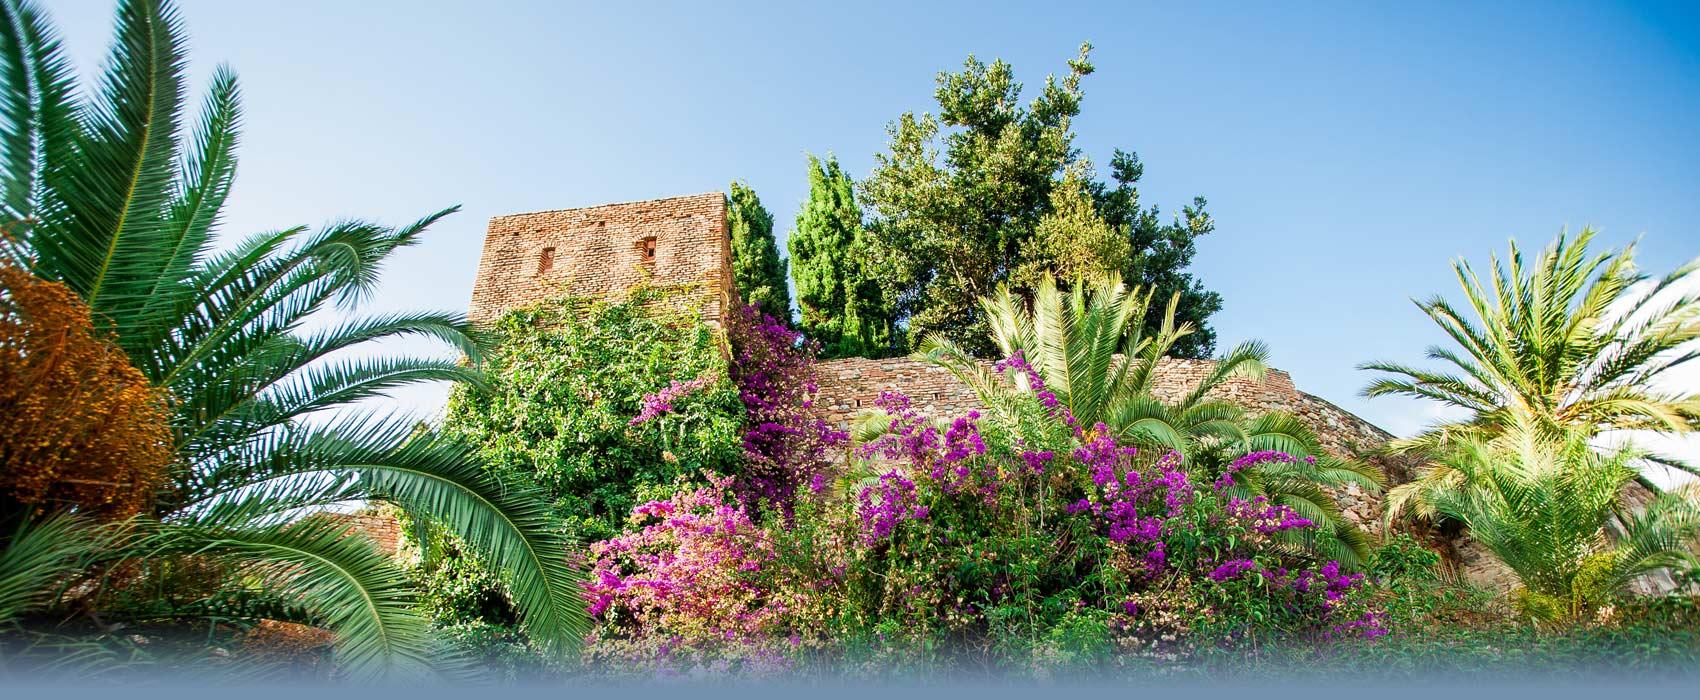 Die Alcazaba von Malaga